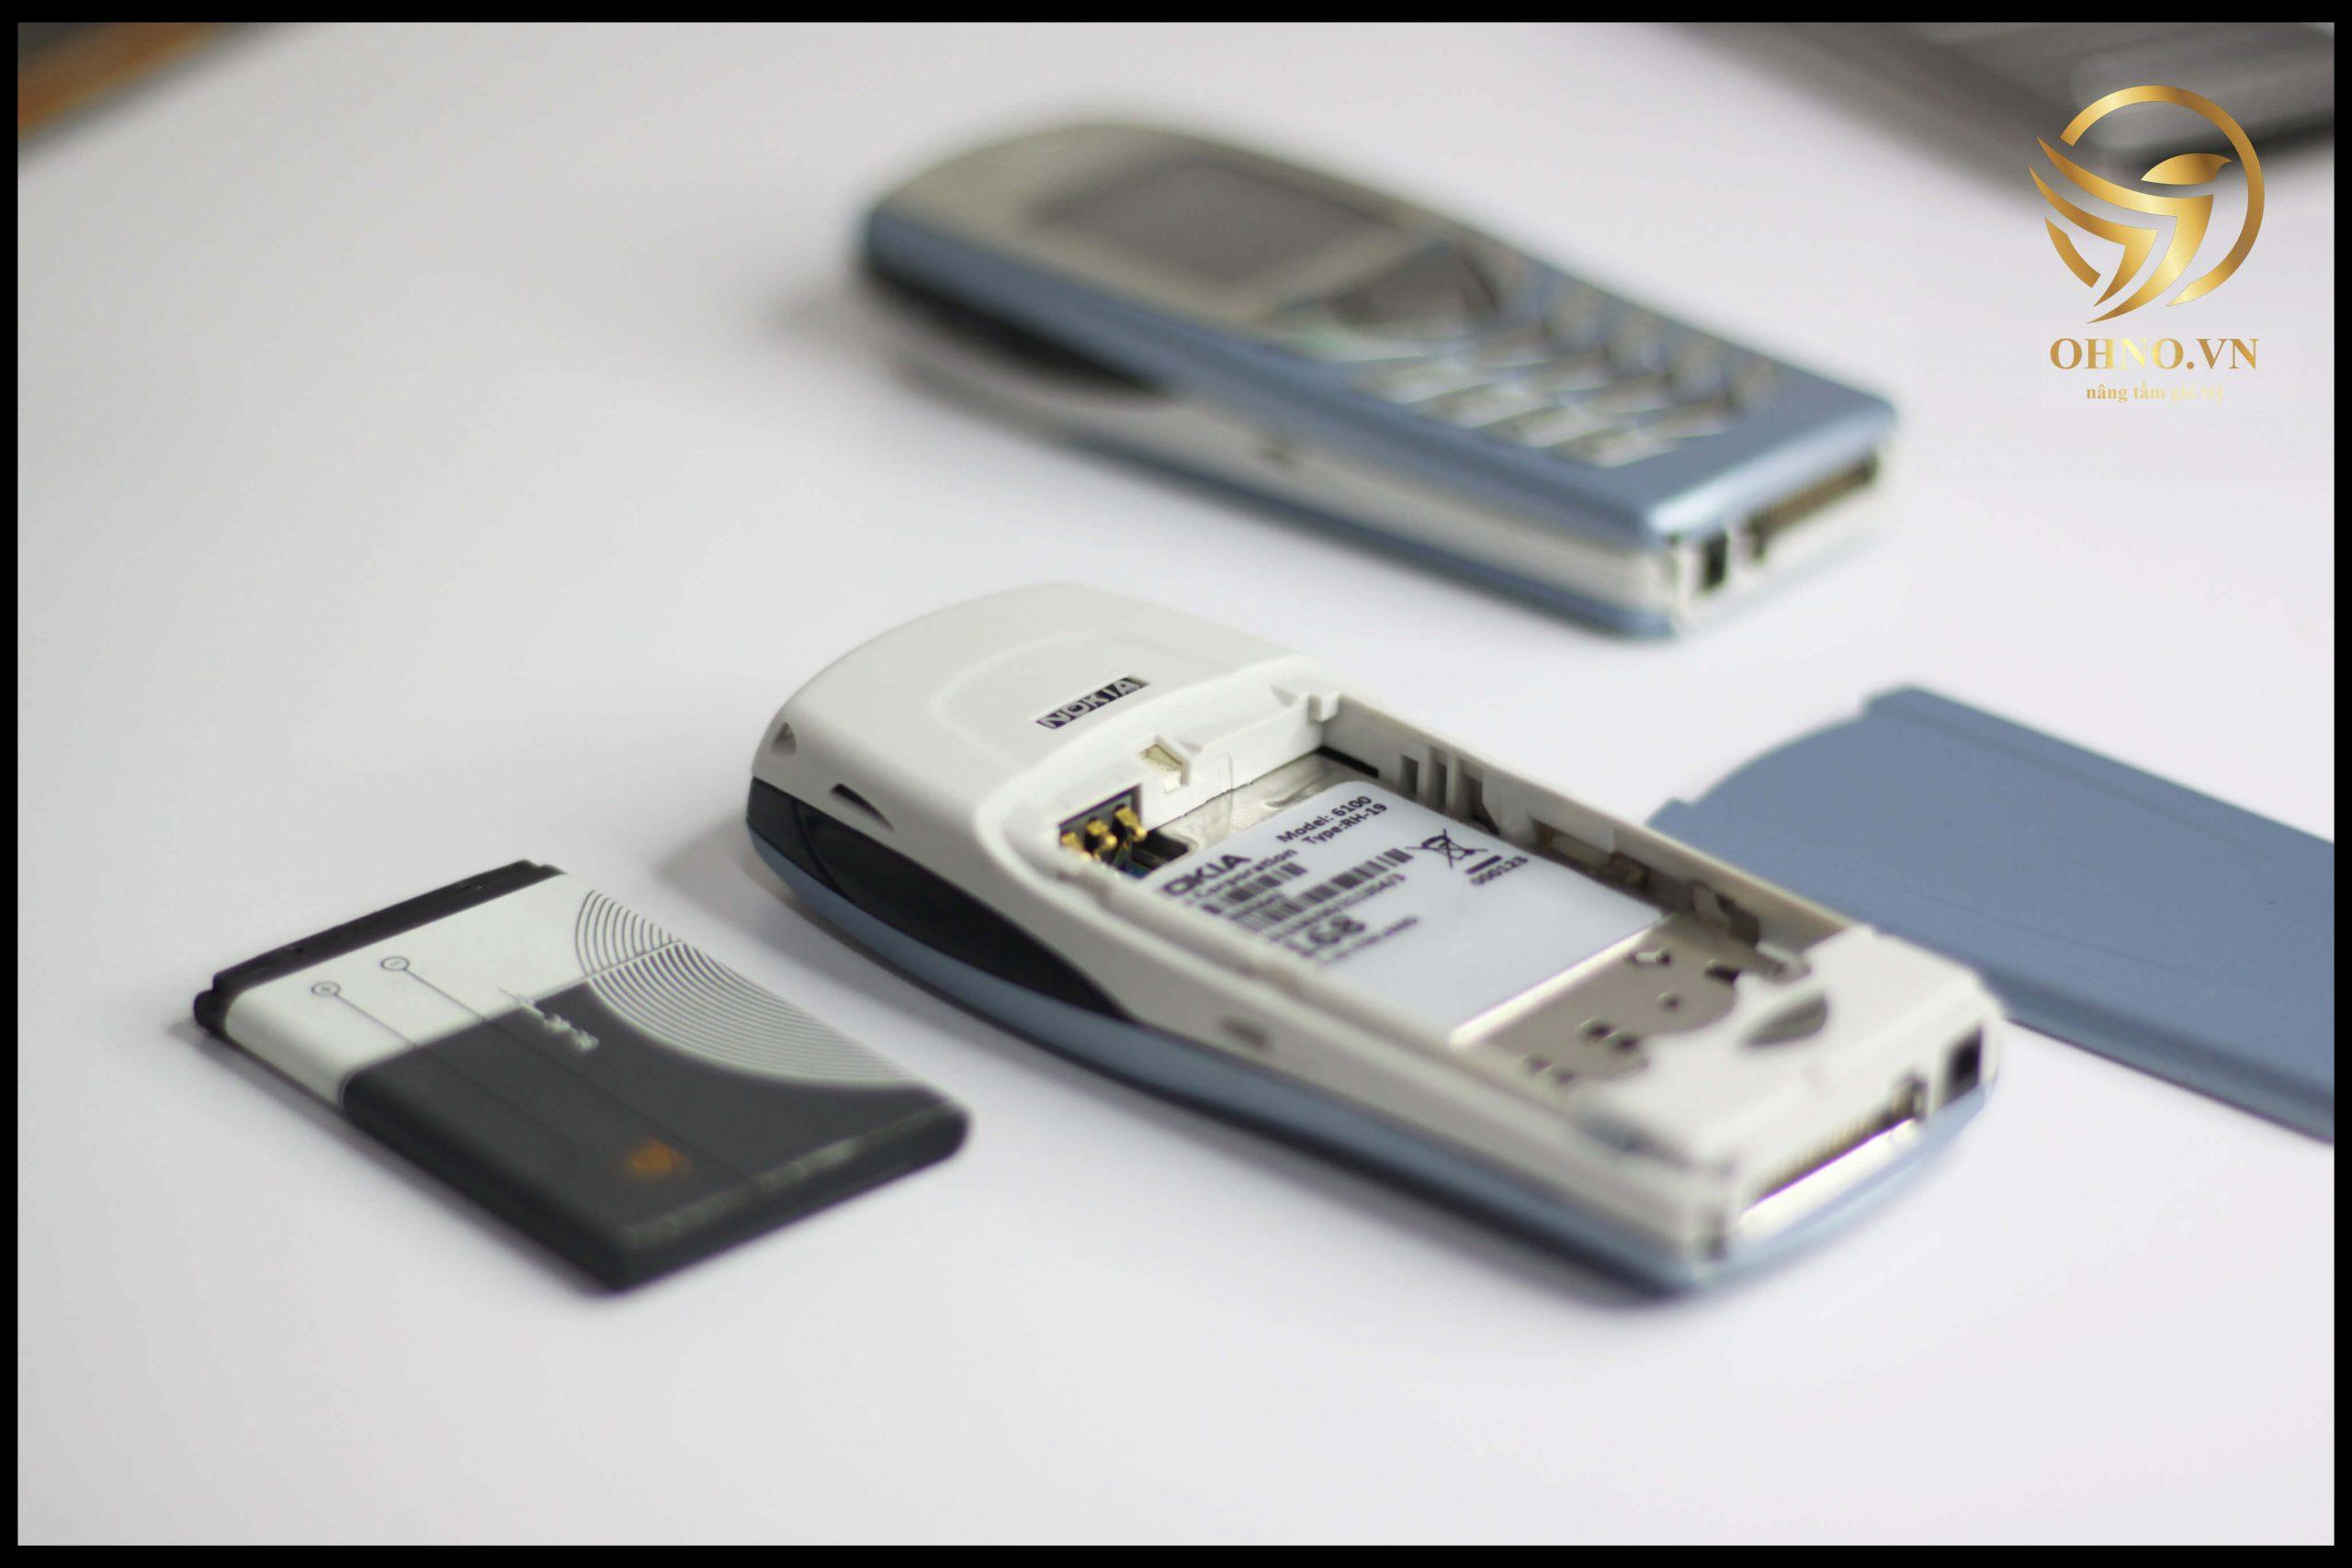 điện thoại nokia cũ 6100